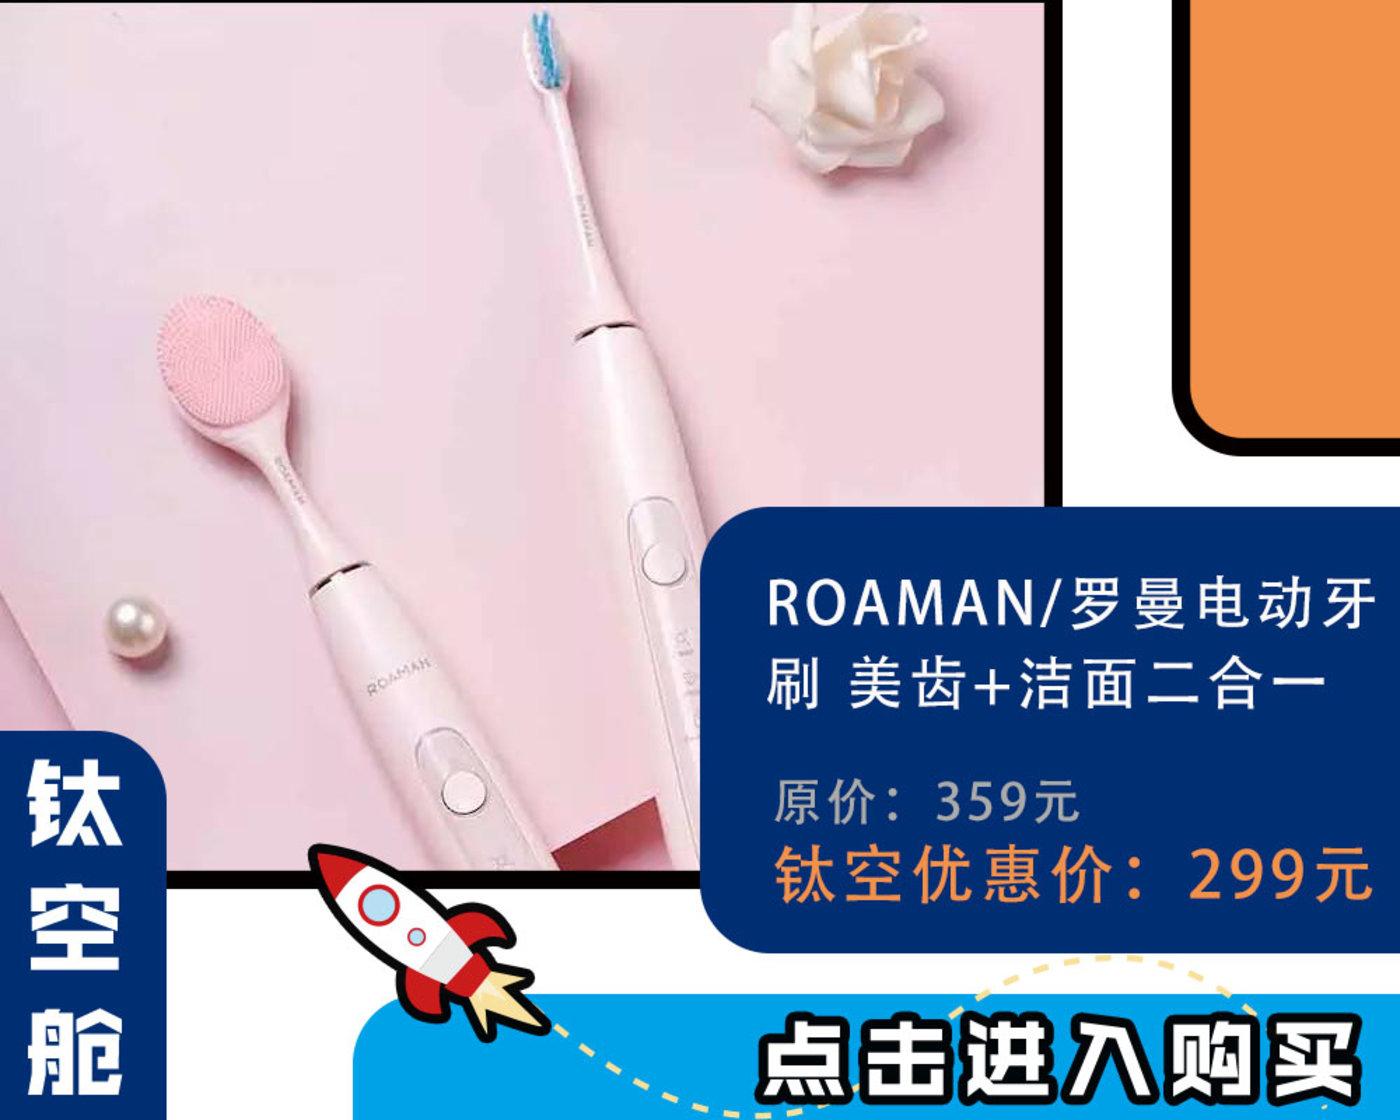 这个电动牙刷不仅能刷牙还能洗脸,连宋祖儿都力荐,肯定没错了   精分剧场